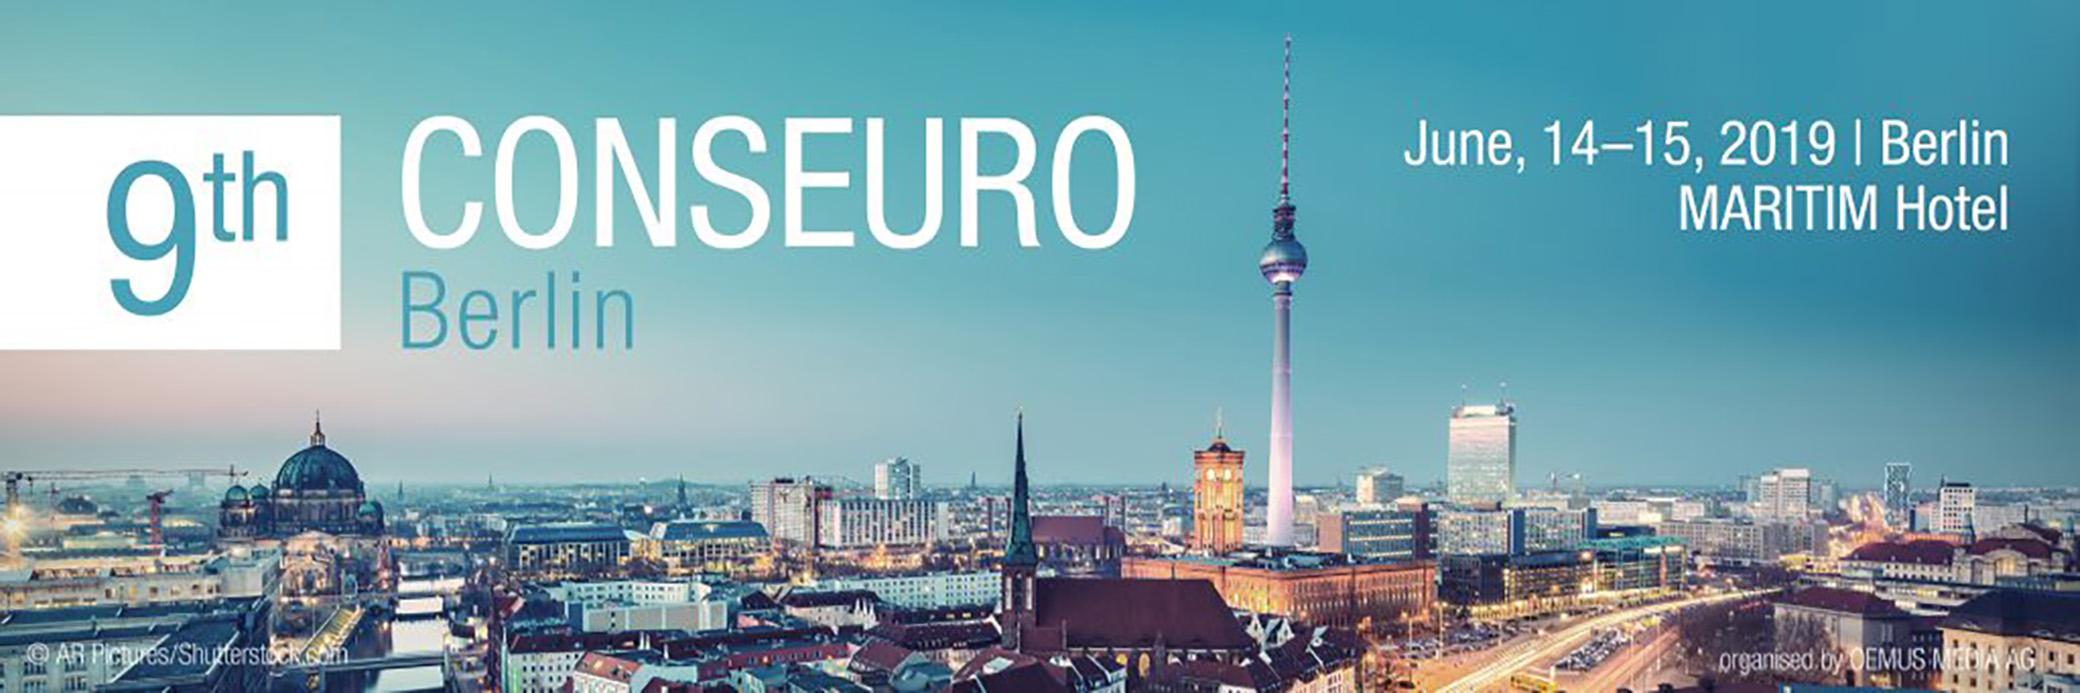 Banner-Conseuro-Berlin 2019_EFCD_